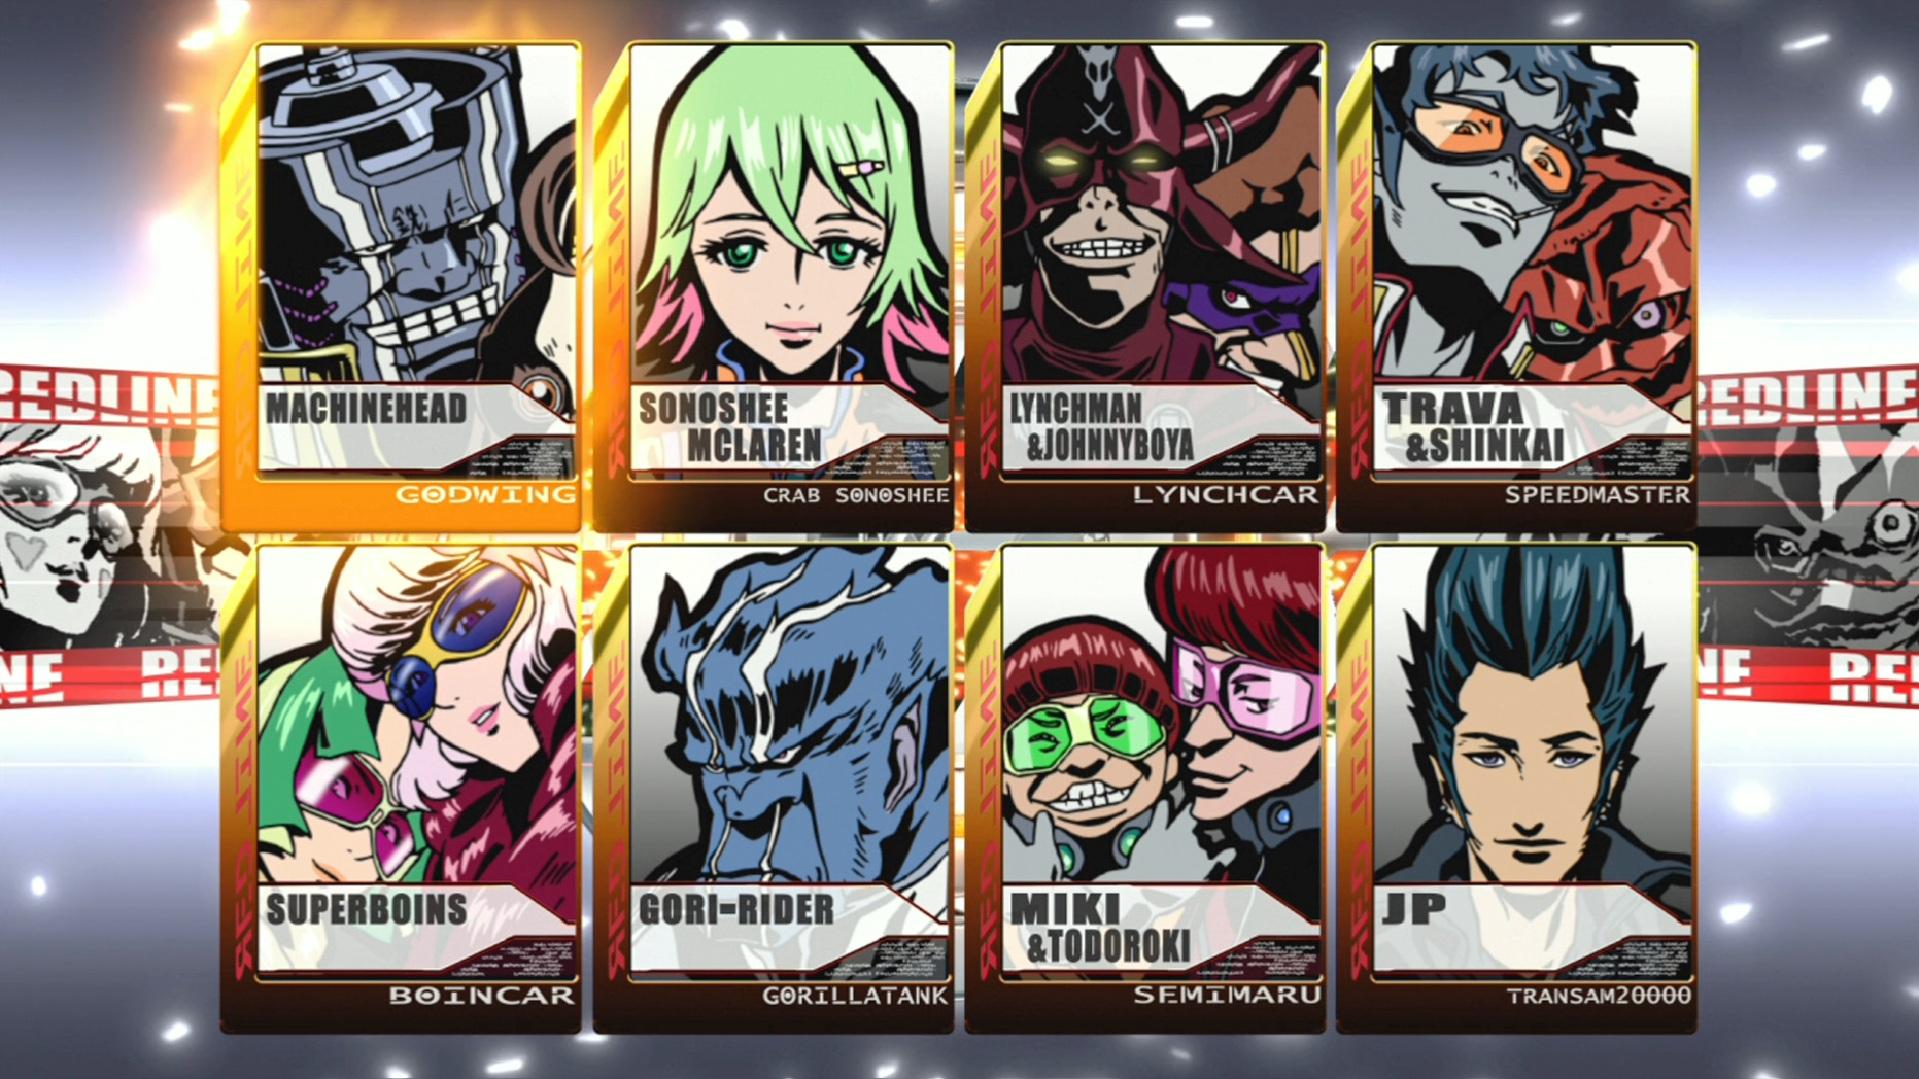 Redline Zerochan Anime Image Board